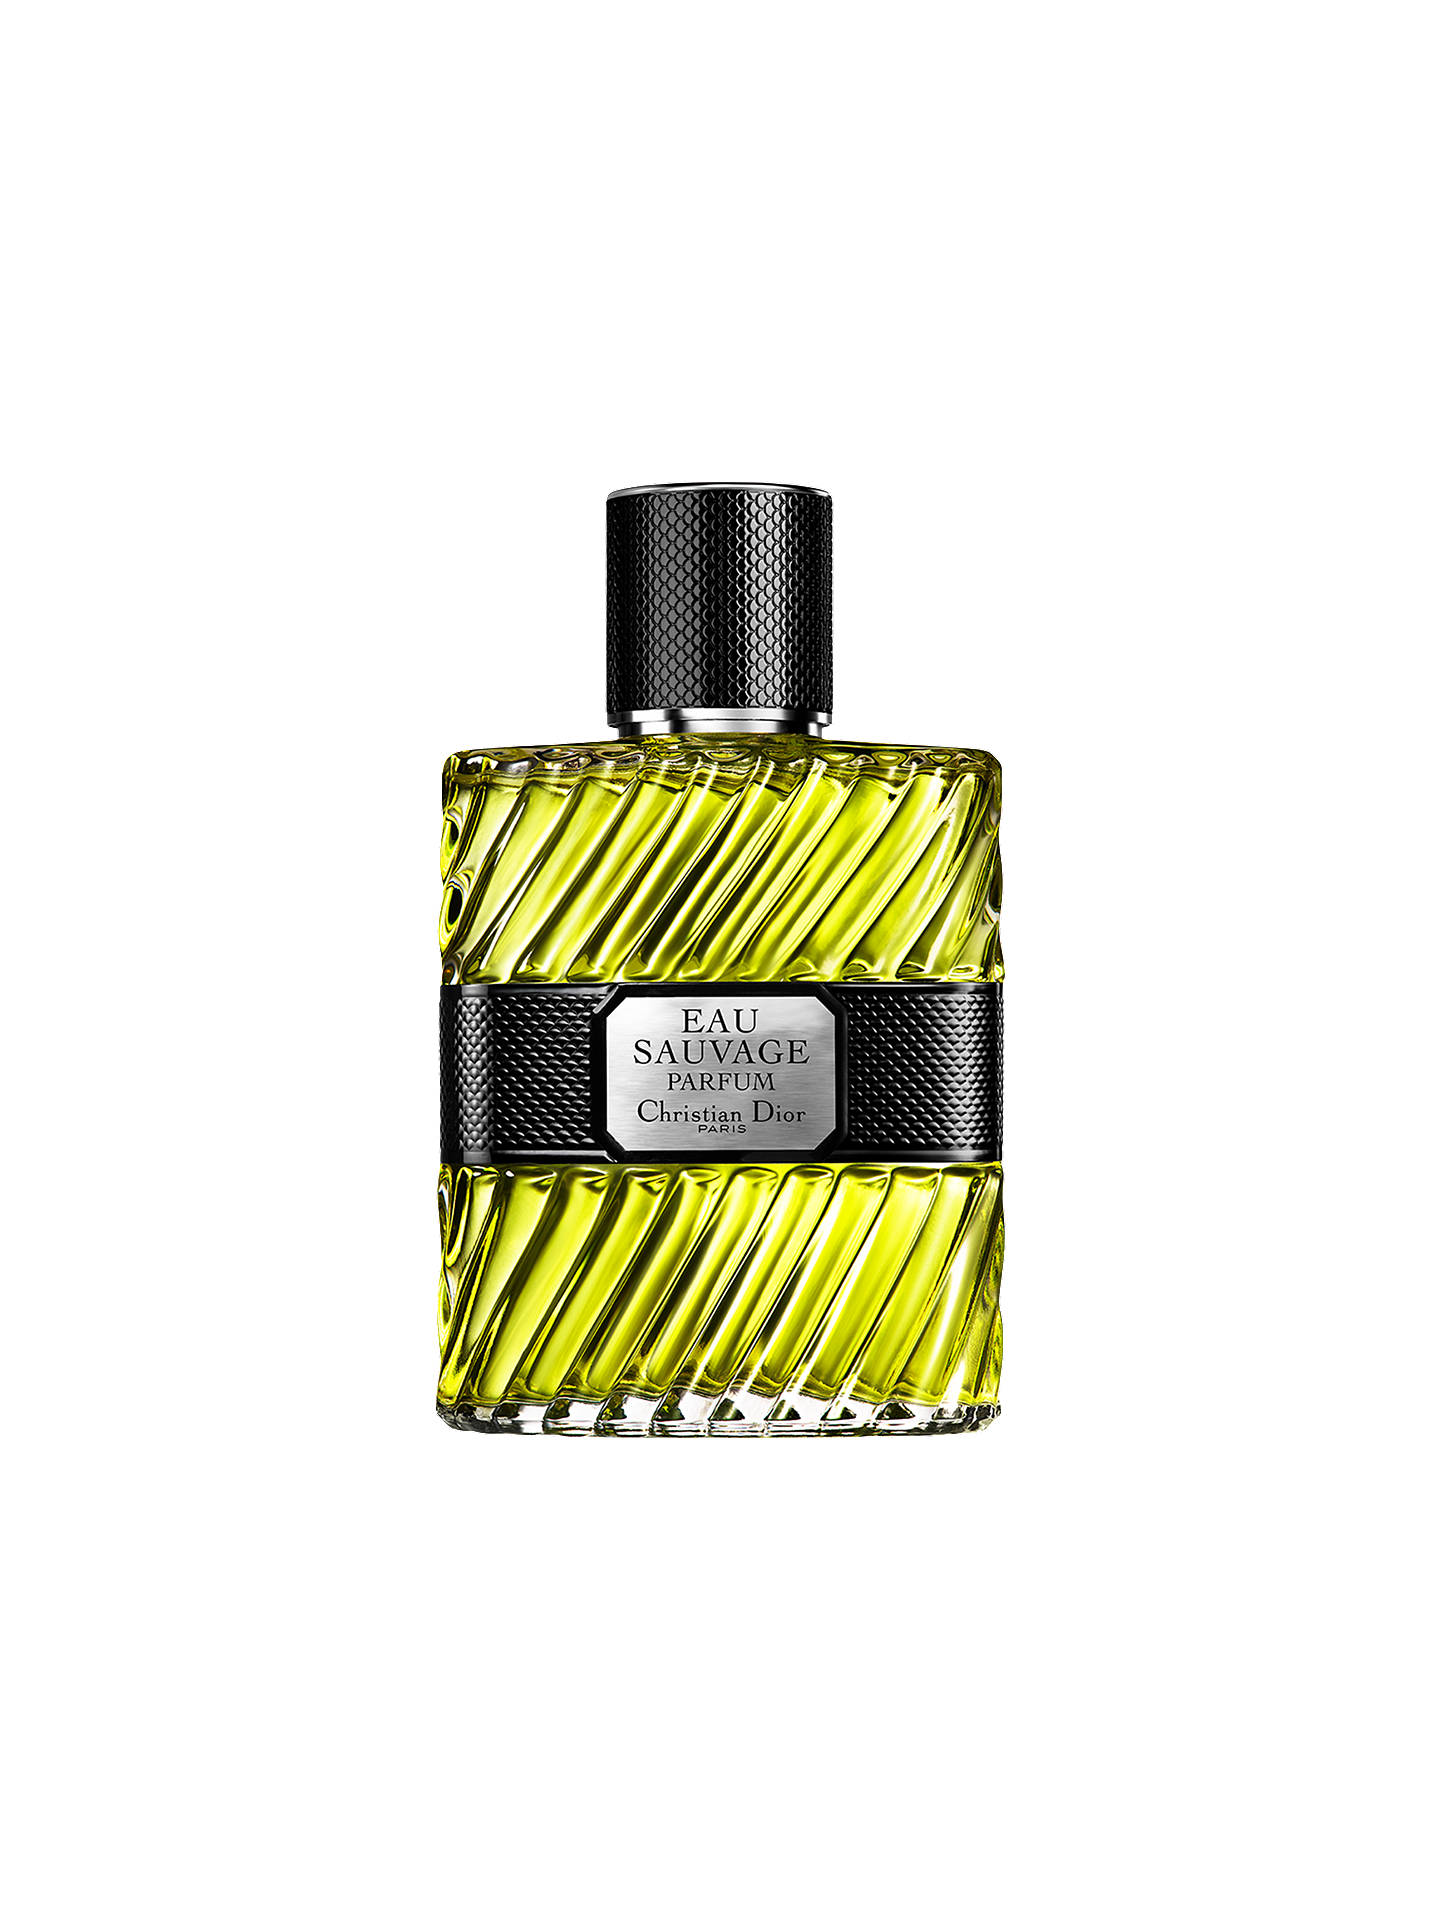 Dior Eau Sauvage Eau De Parfum At John Lewis Partners